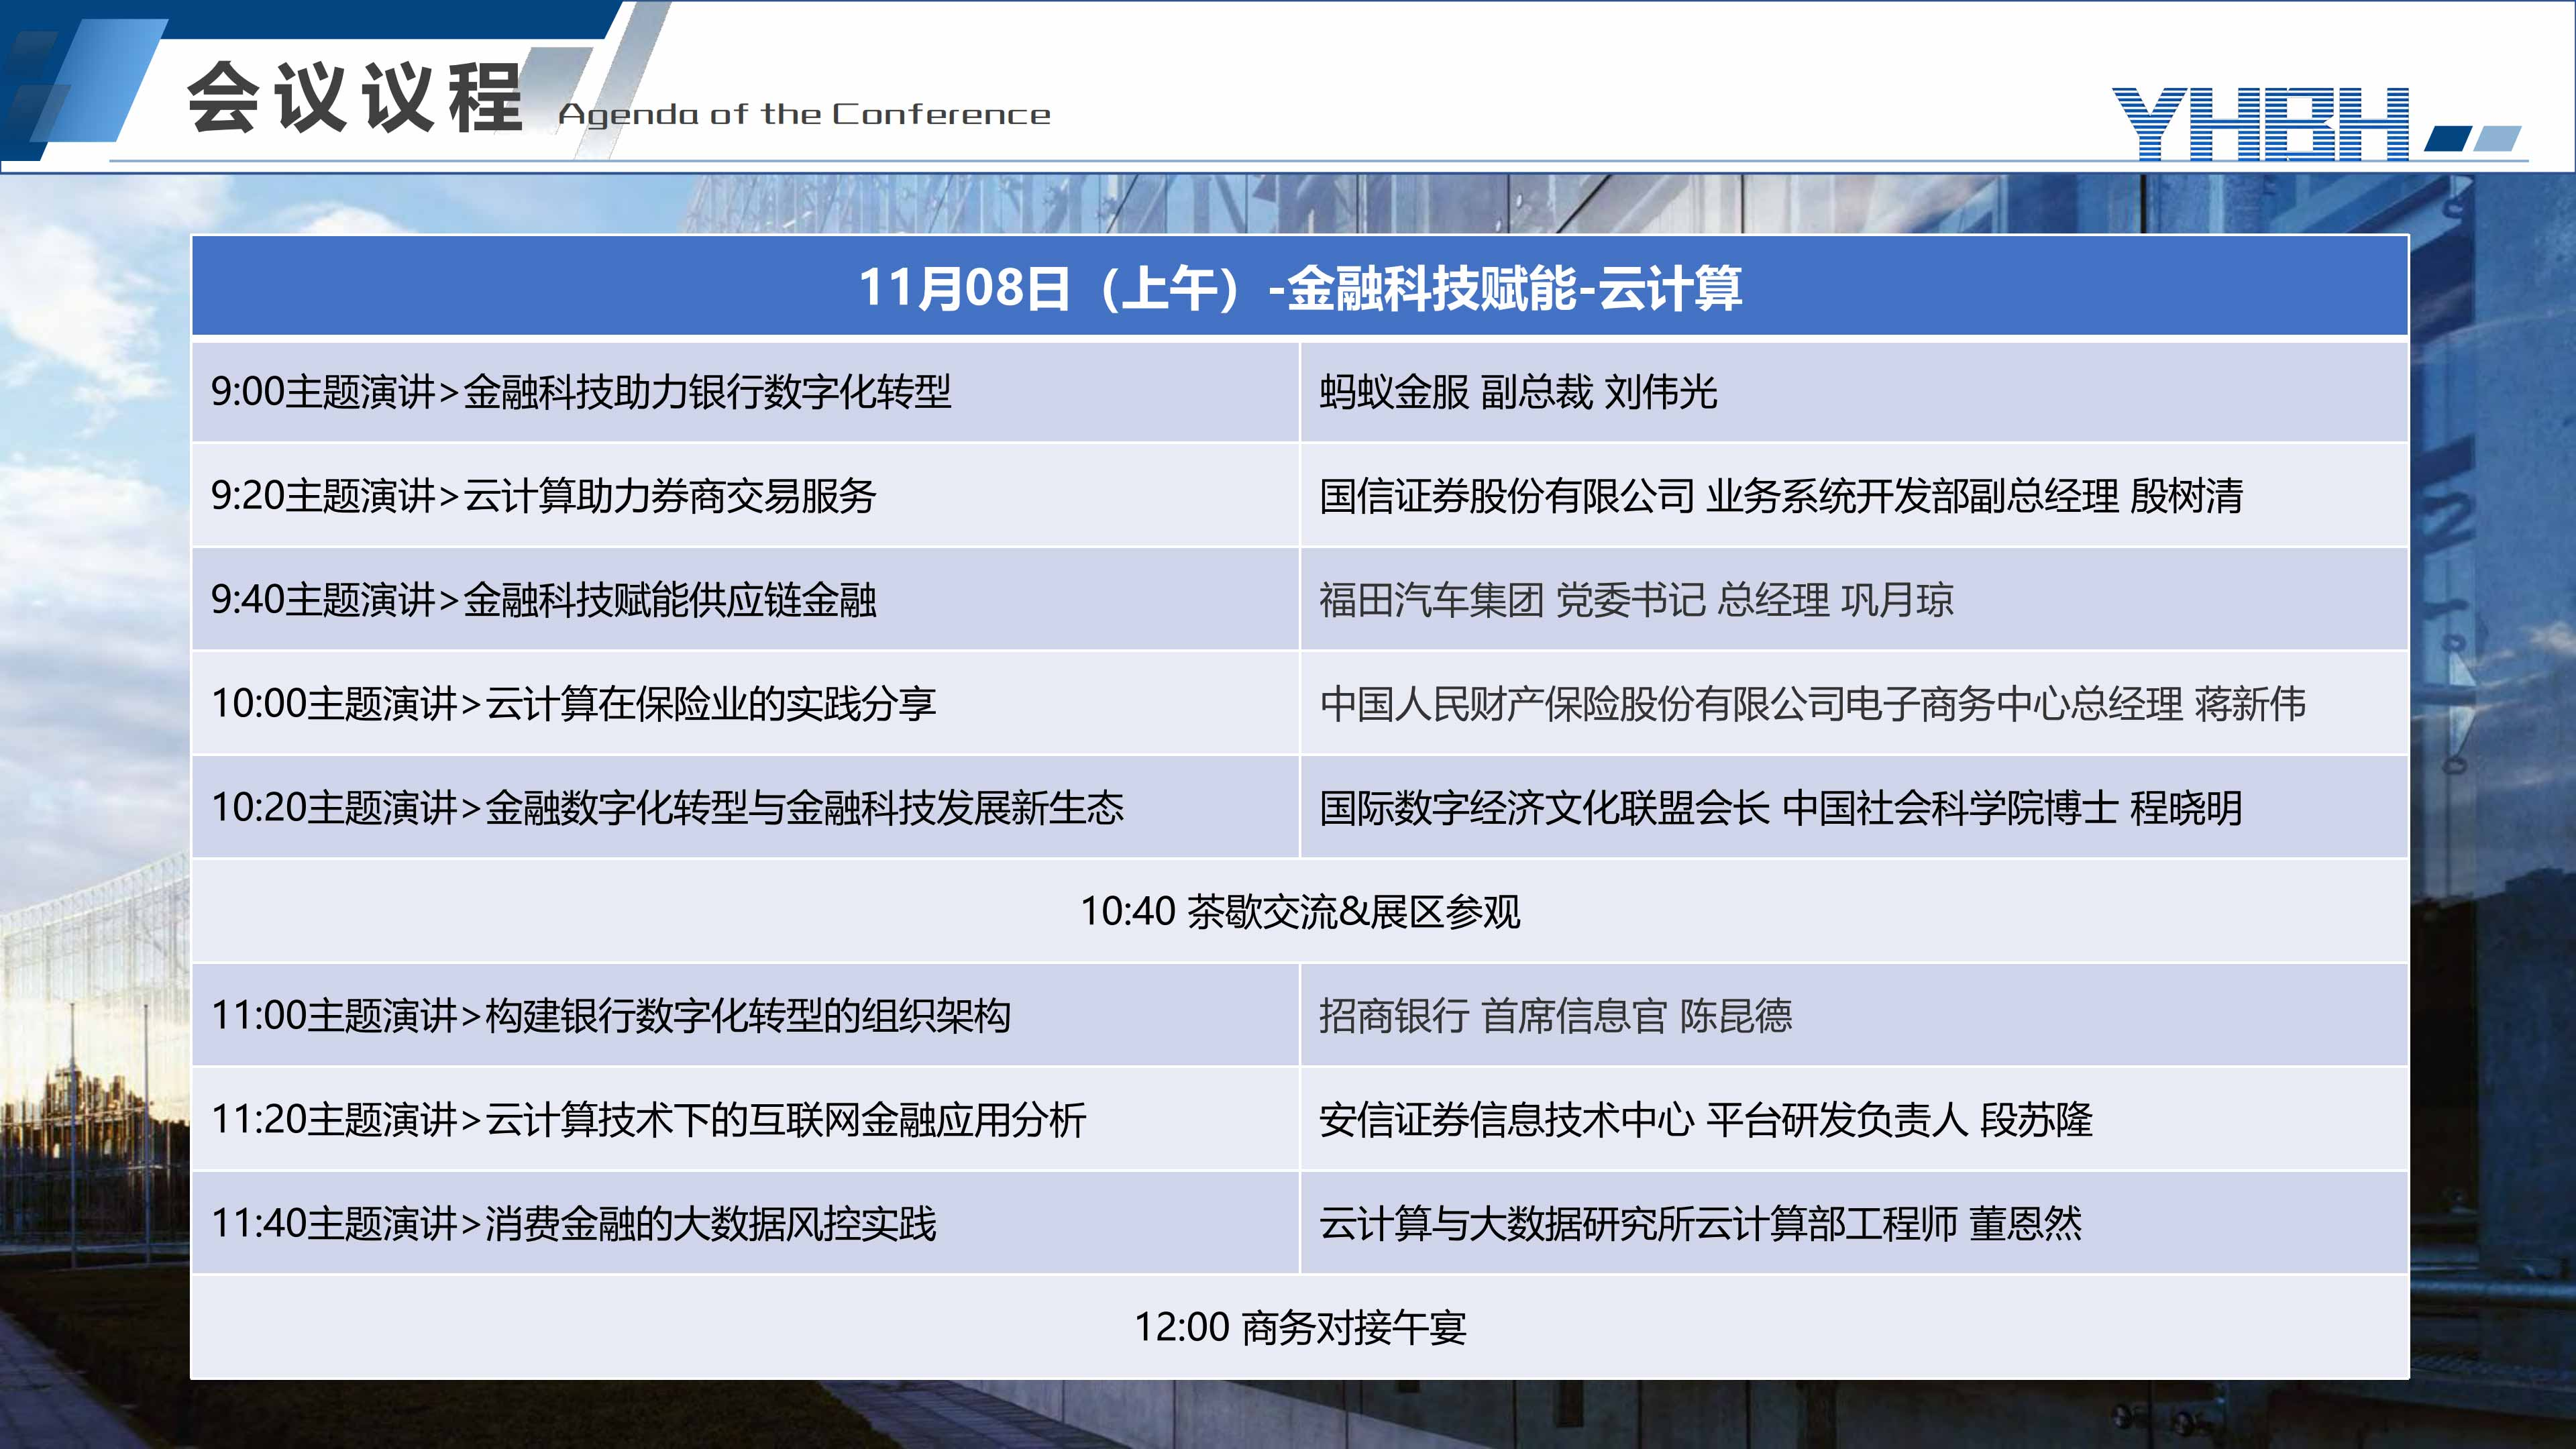 2019中国金融科技国际峰会【大数据-云计算-AI-区块链】